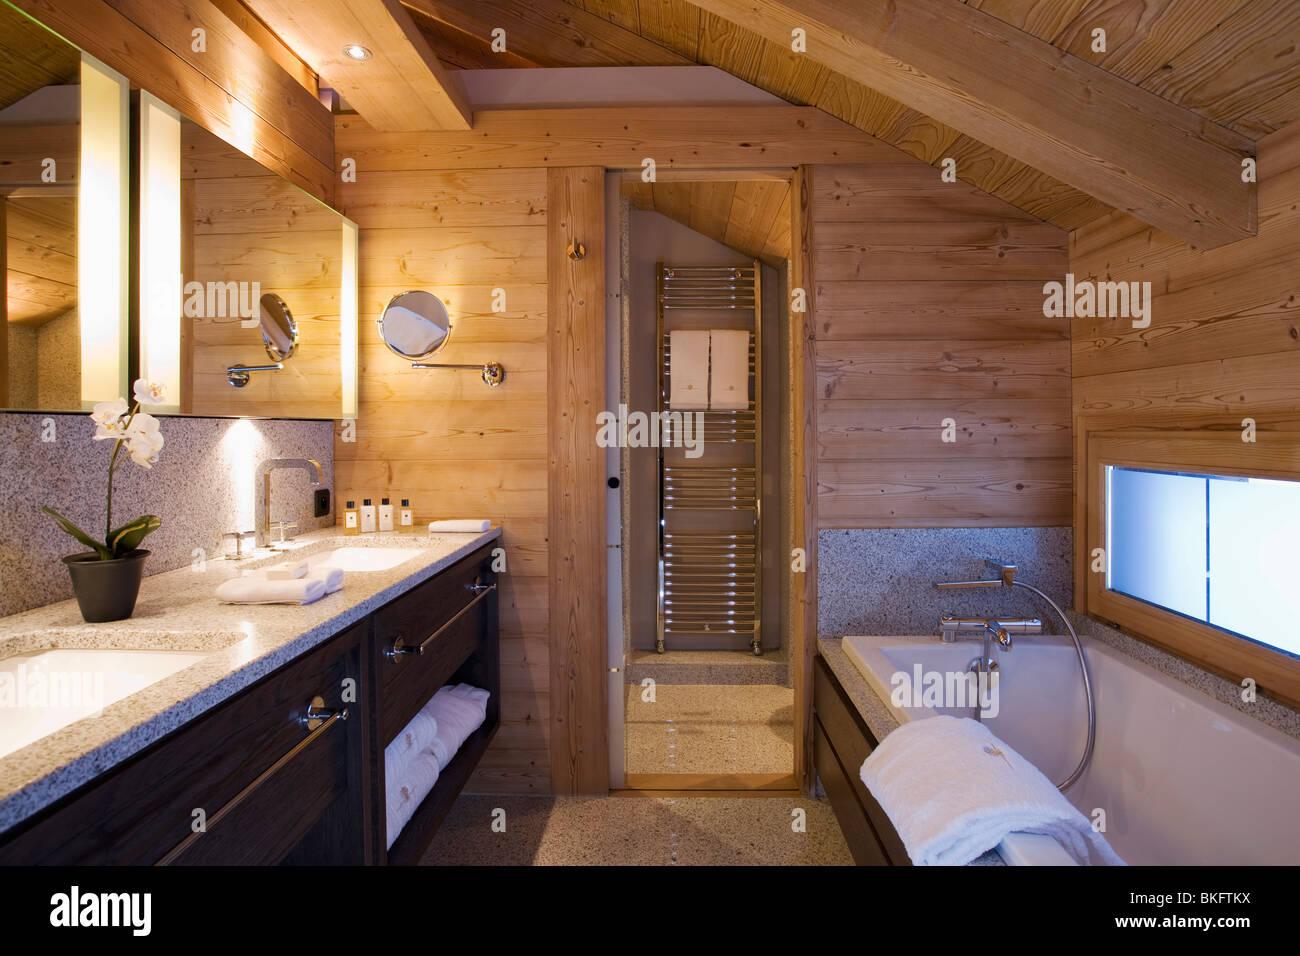 Holzw nde und schr gen decke des badezimmers in moderne - Spiegel mit schrage ...